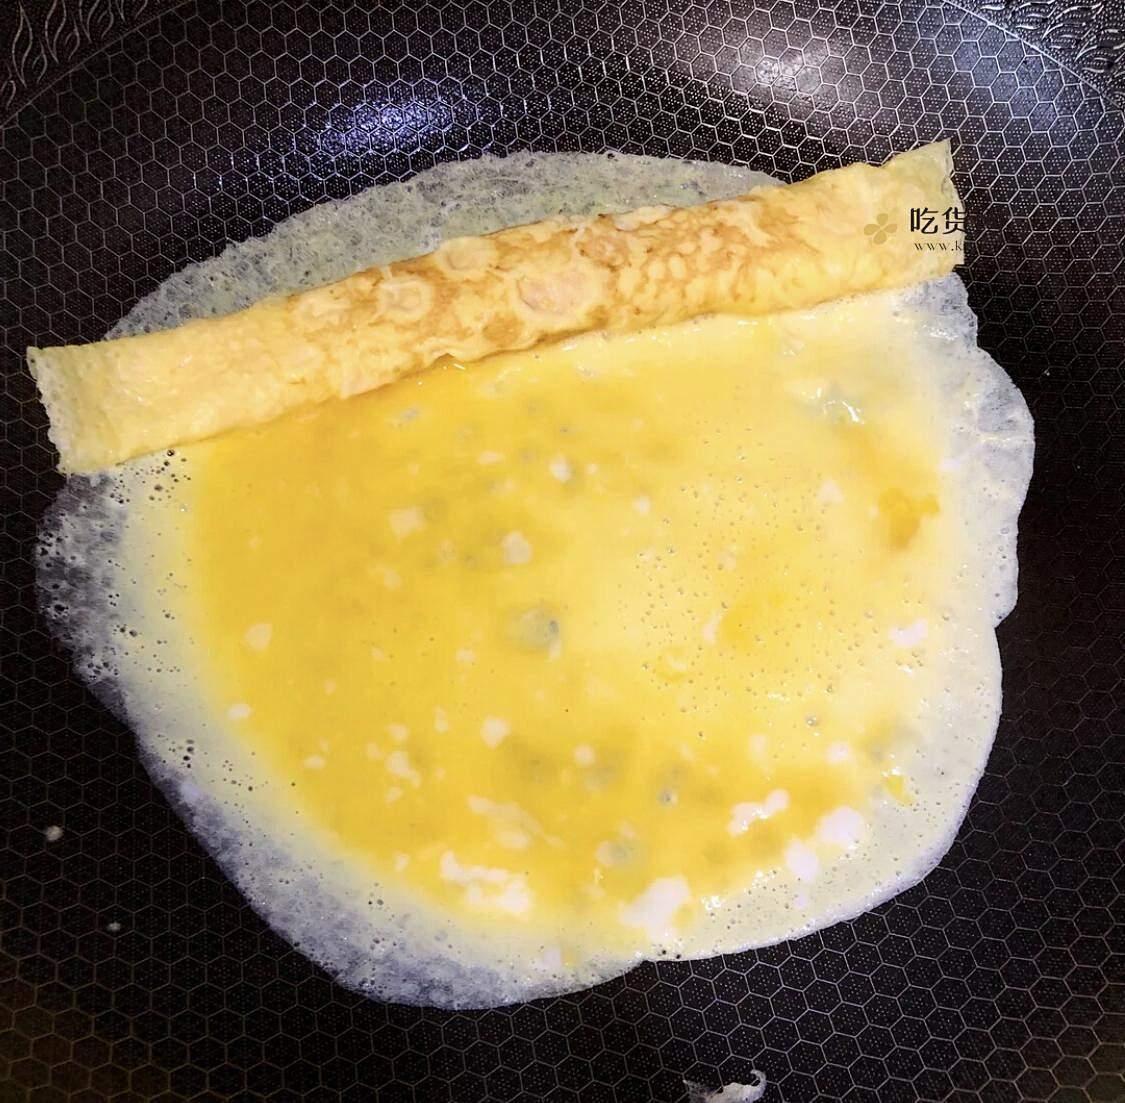 🍱工作日的轻食便当47高颜值鸡腿饭(持续更新)的做法 步骤3